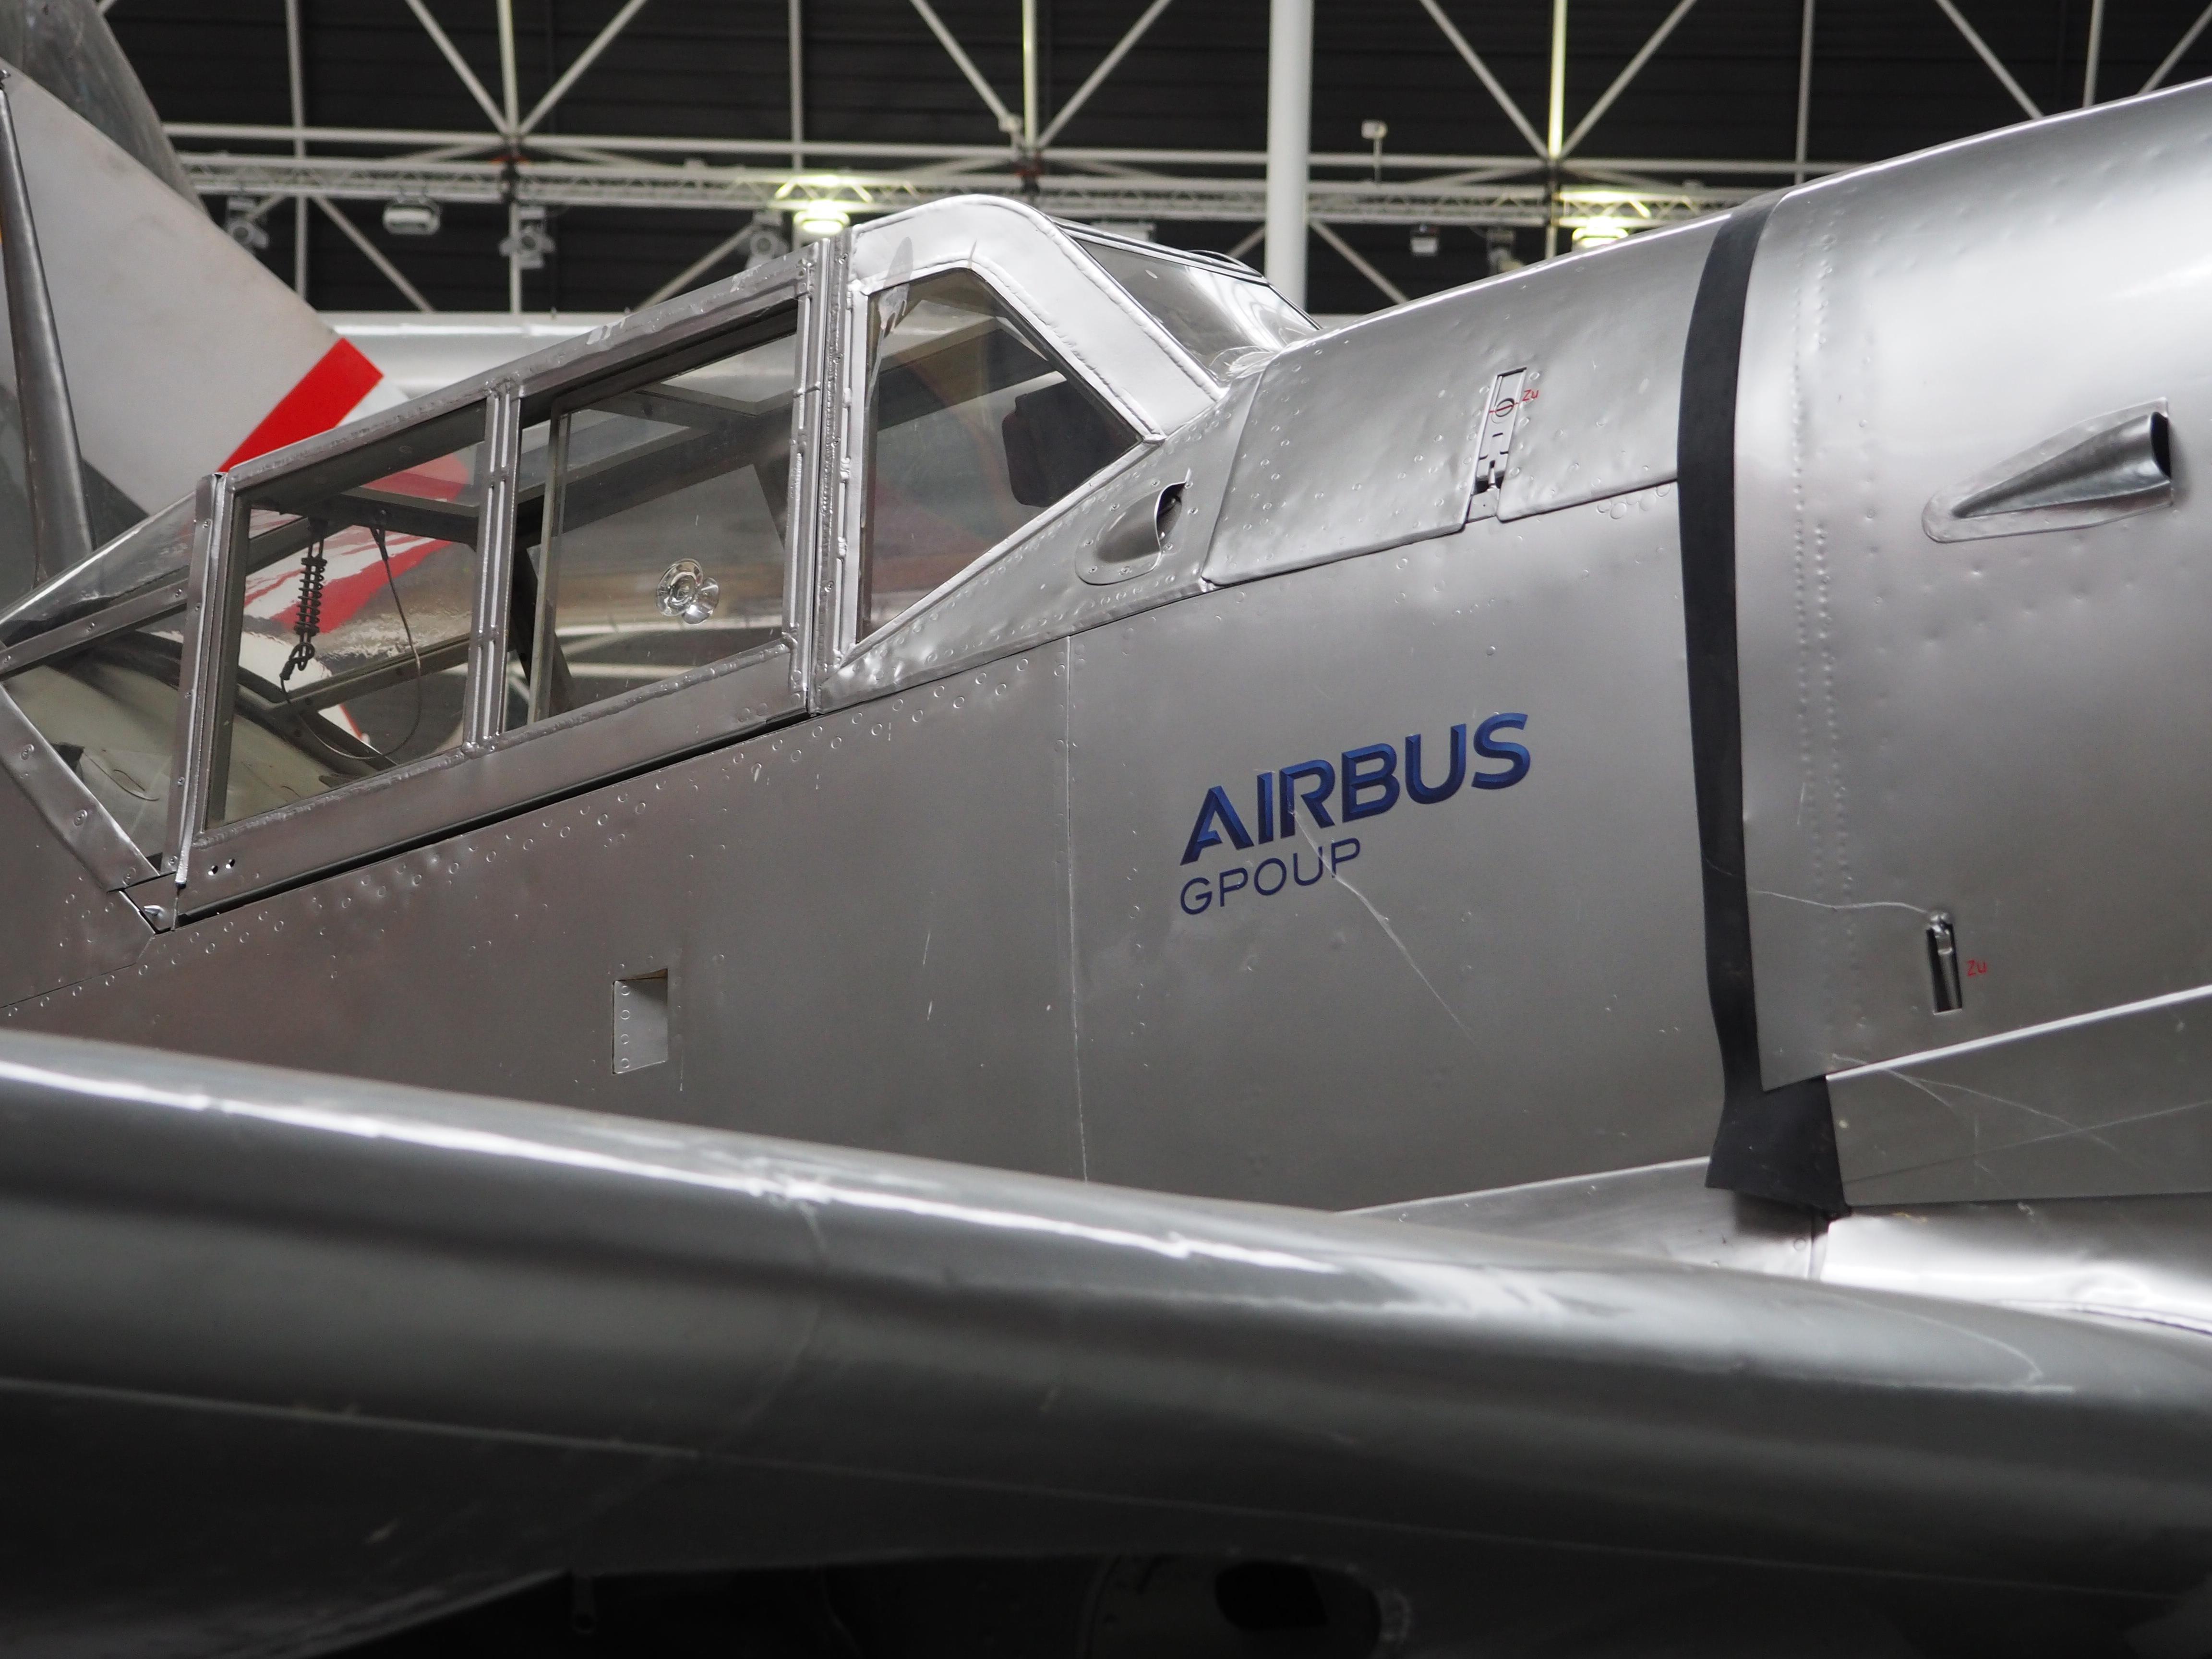 Airbus工場見学の行き方まとめ。トゥールーズToulouse旅行の参考にどうぞ。